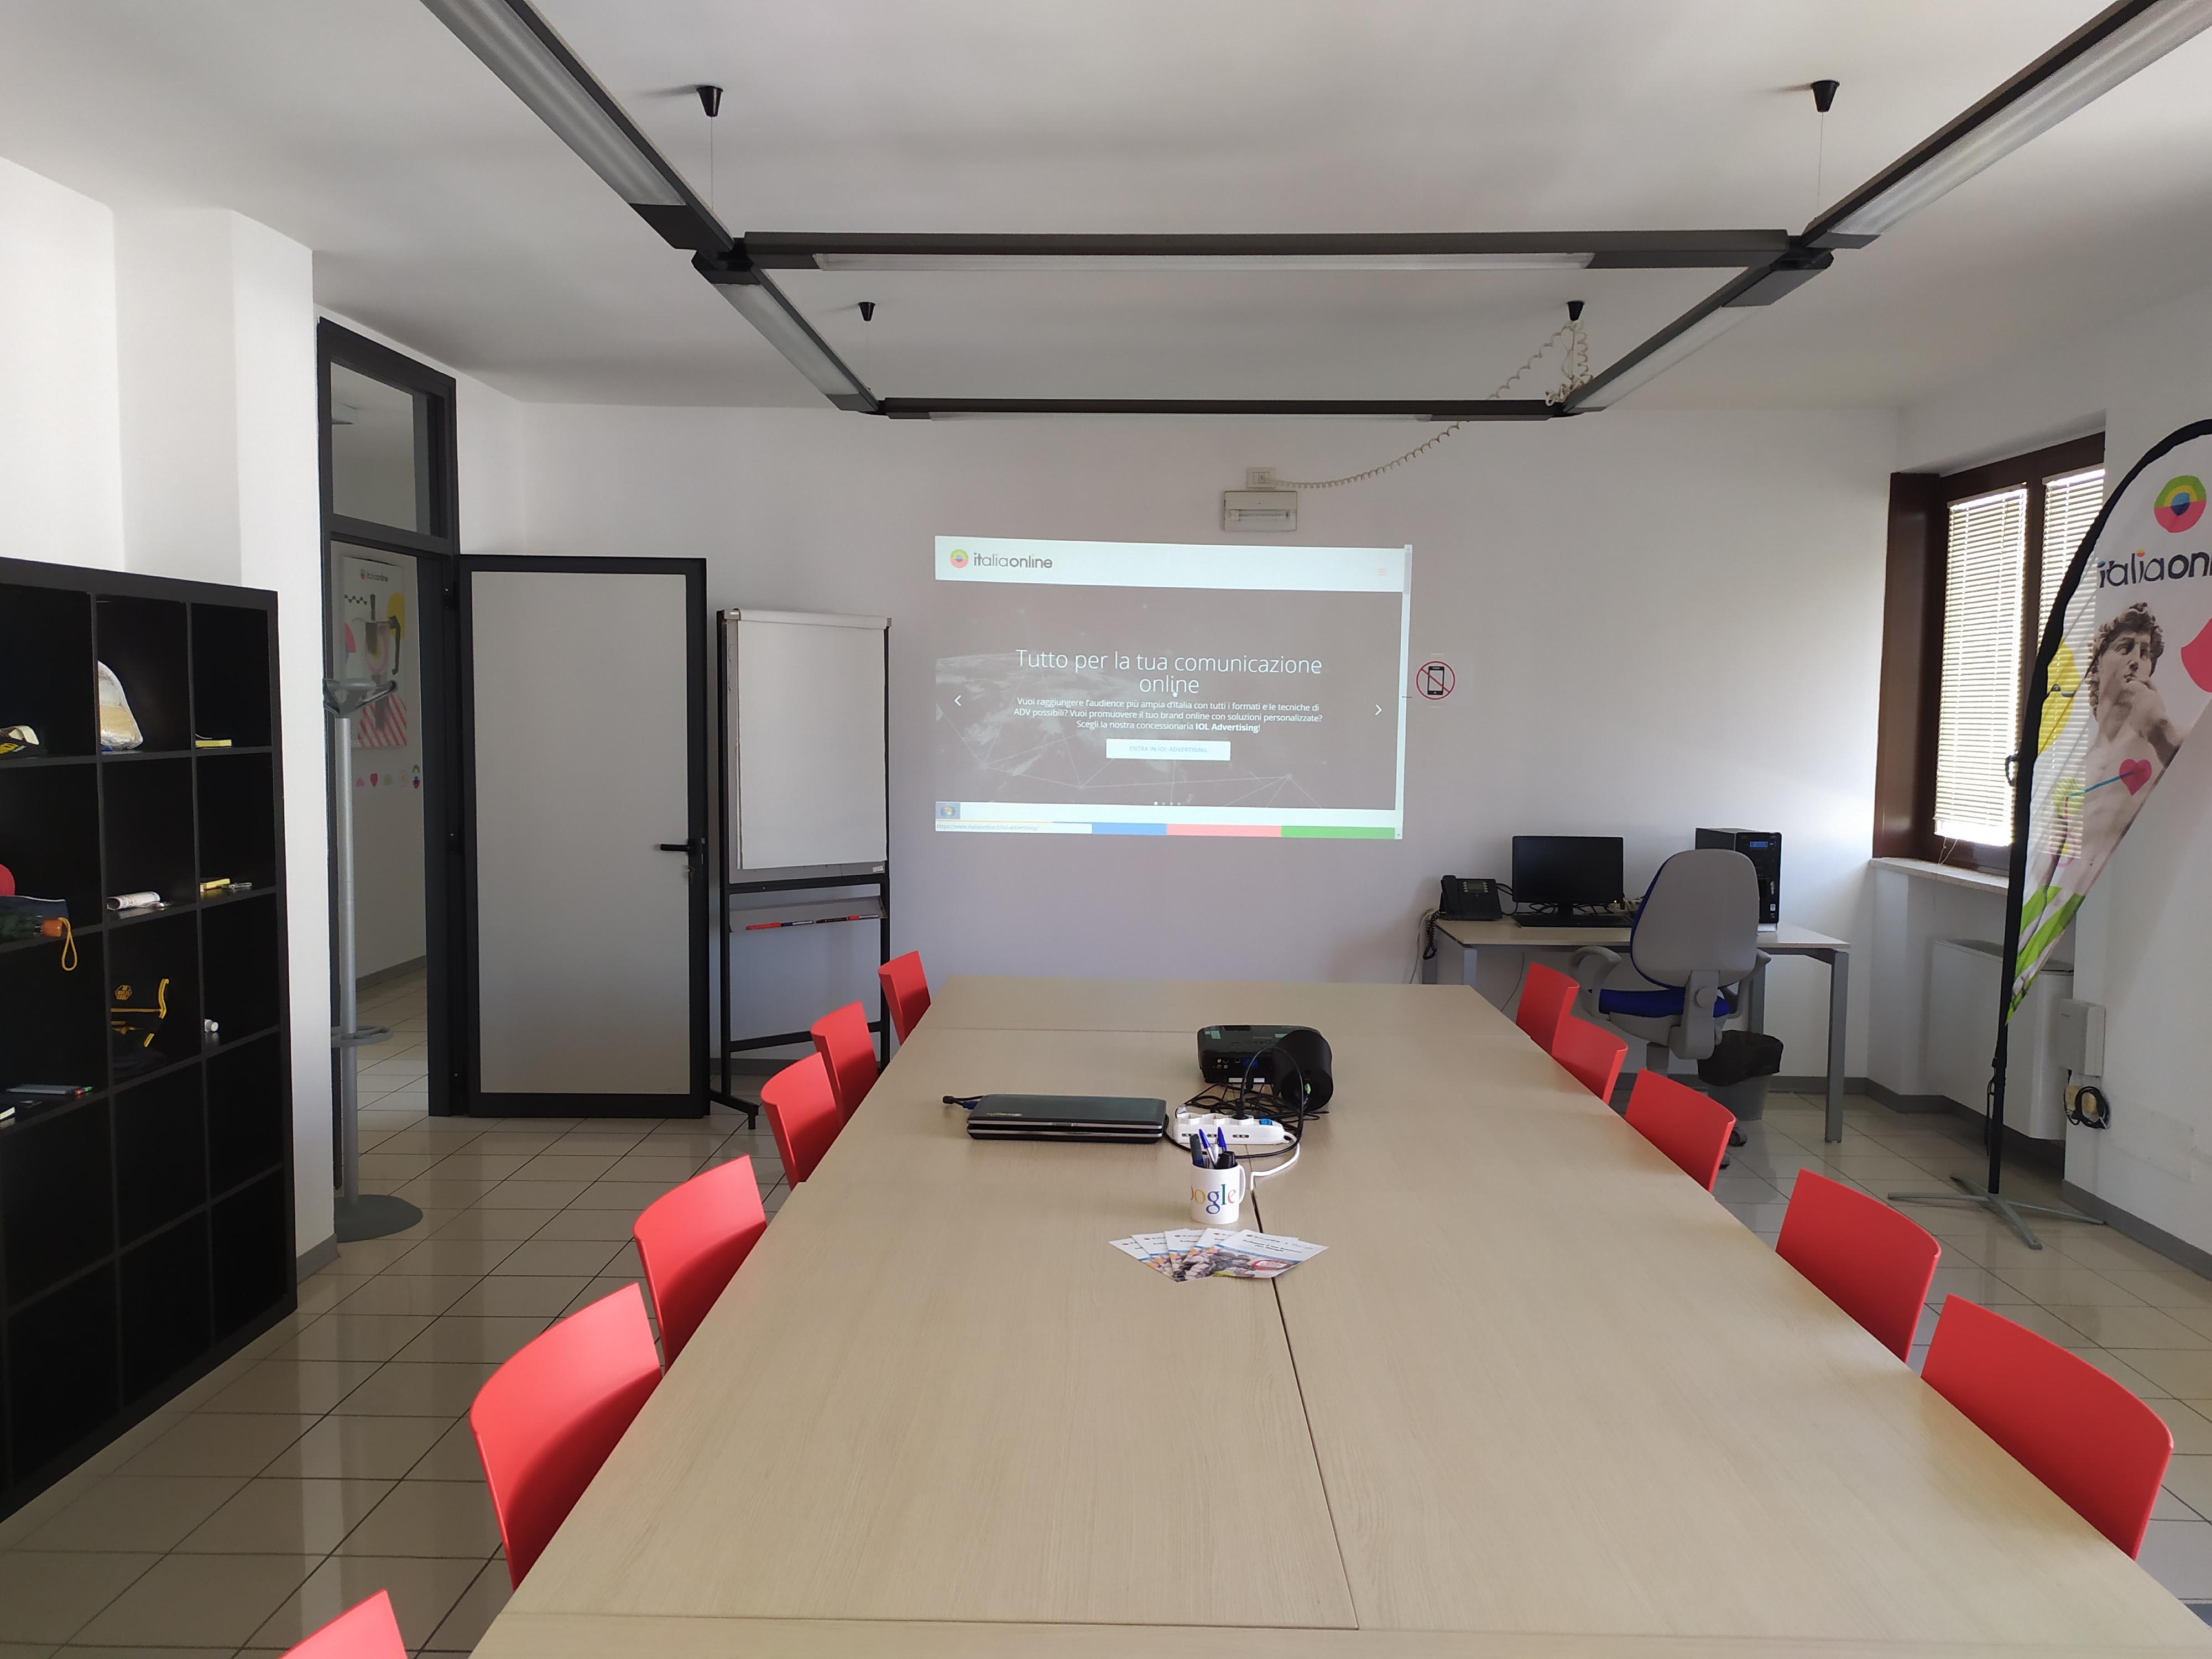 Italiaonline Lecce sala riunioni